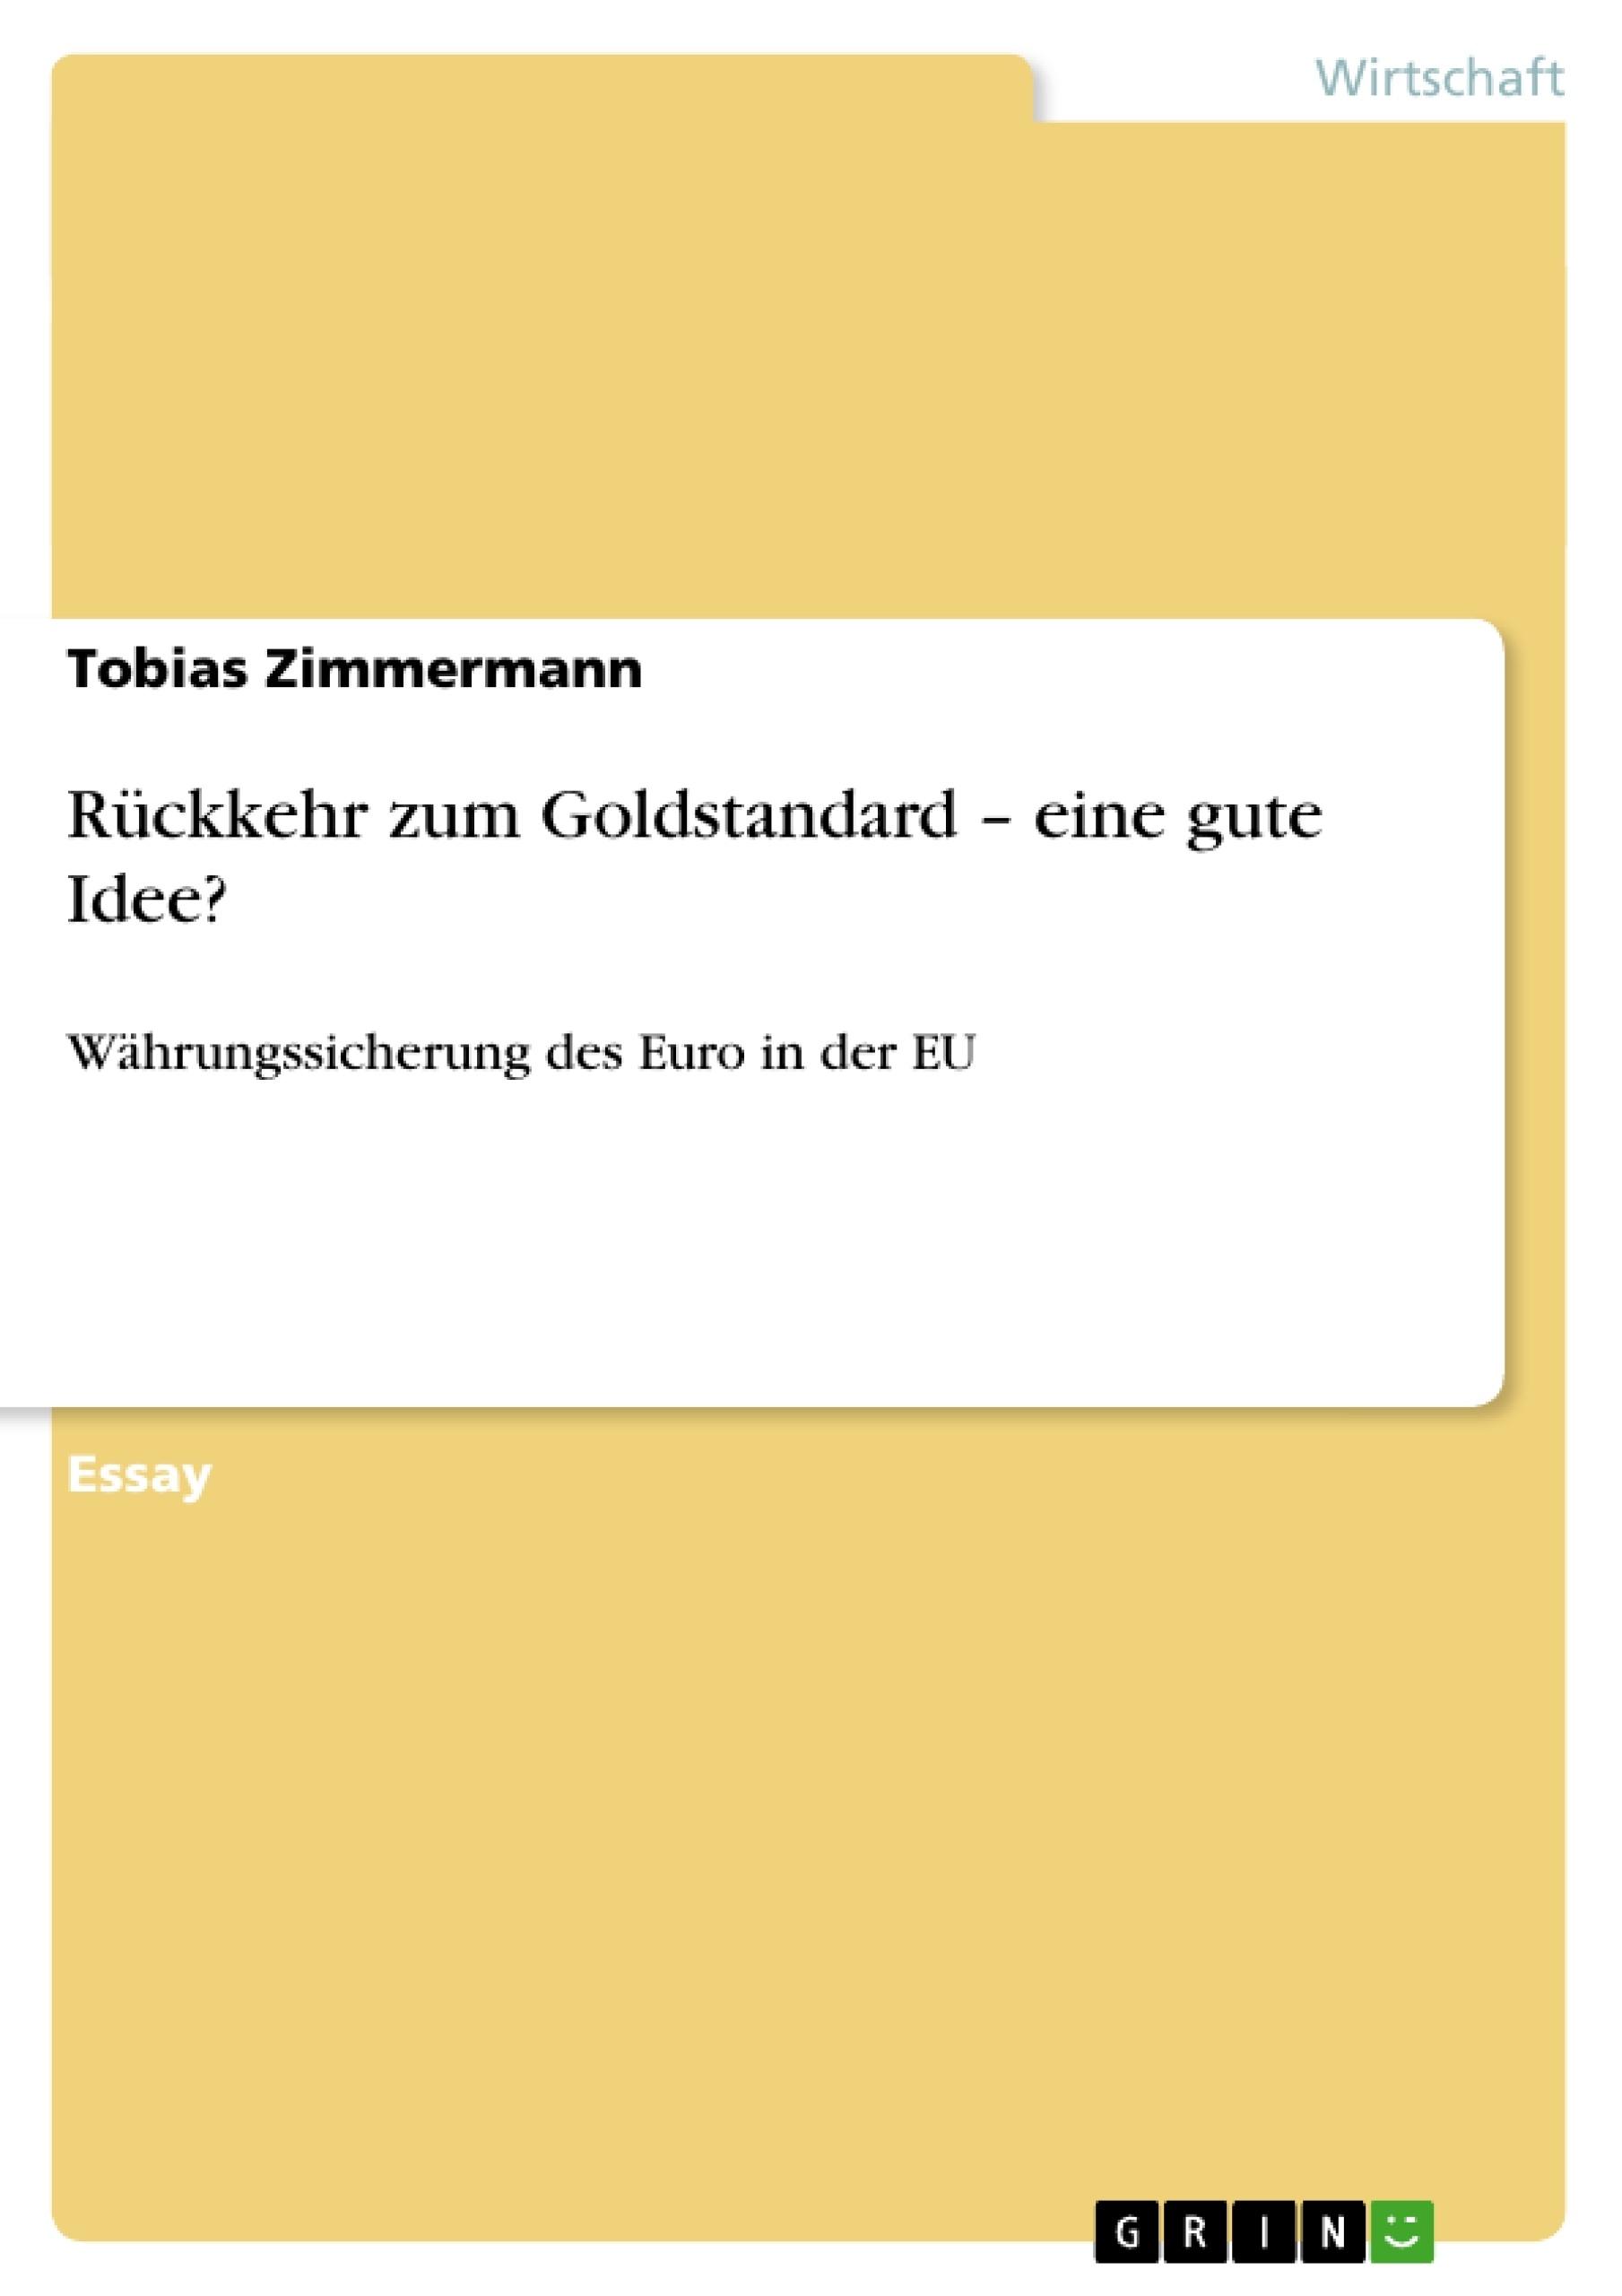 Titel: Rückkehr zum Goldstandard – eine gute Idee?